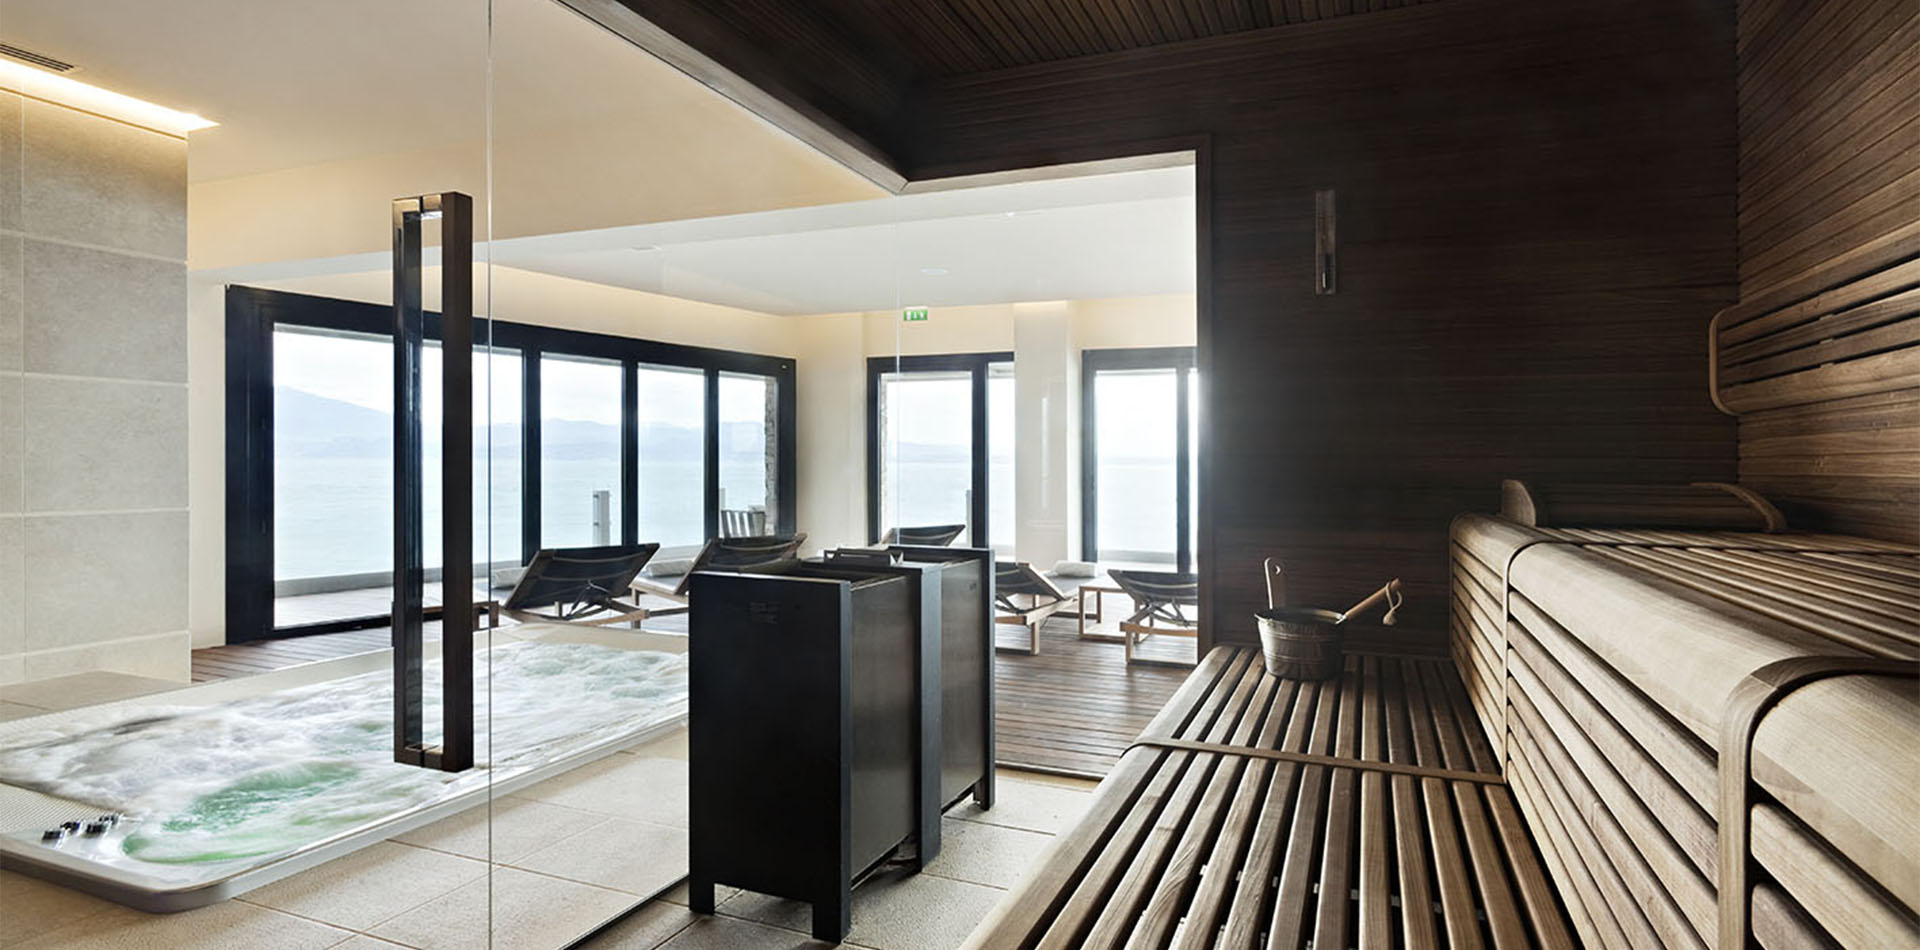 GHT_Spa Castello_Sauna finlandese